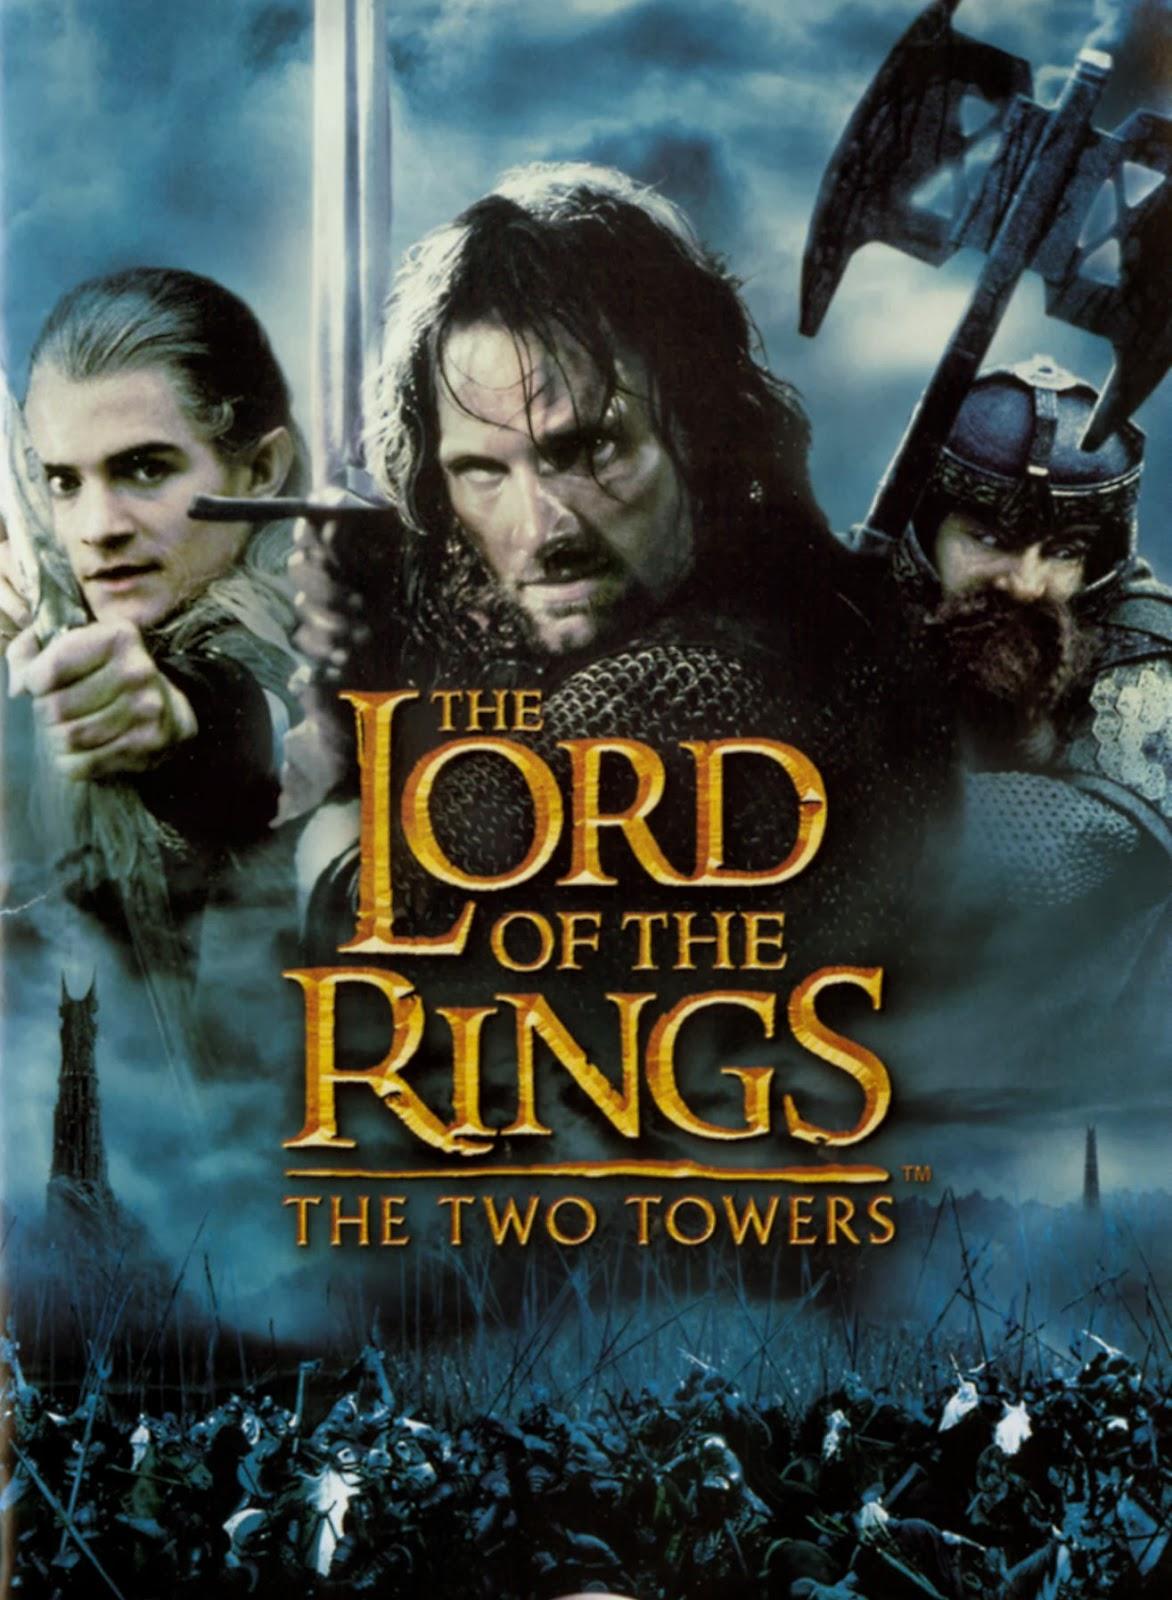 Φιλόσοφοι του Δρόμου  Βιβλίο  Ο Άρχοντας των Δαχτυλιδιών - Οι Δύο Πύργοι 9efa180625c